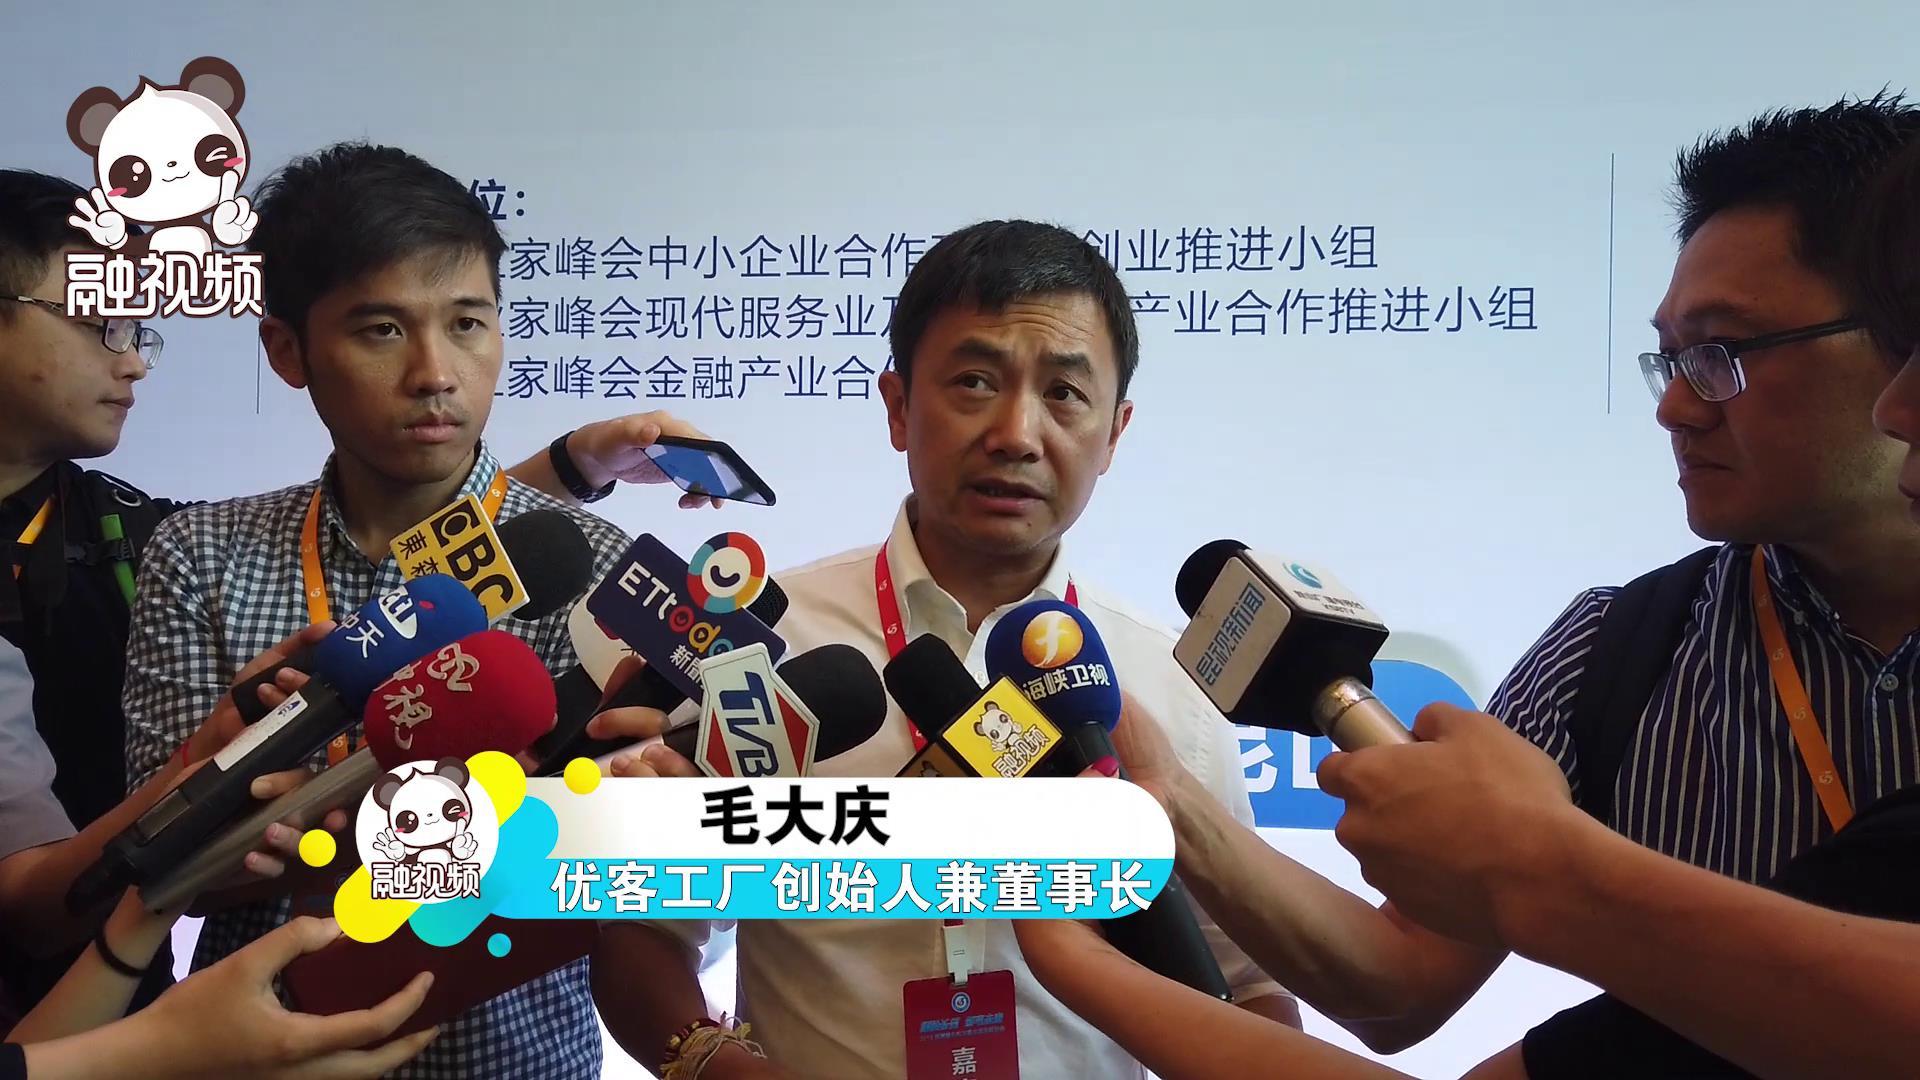 毛大庆:用自己的经验、人脉、资源帮助更多年轻人实现创业图片